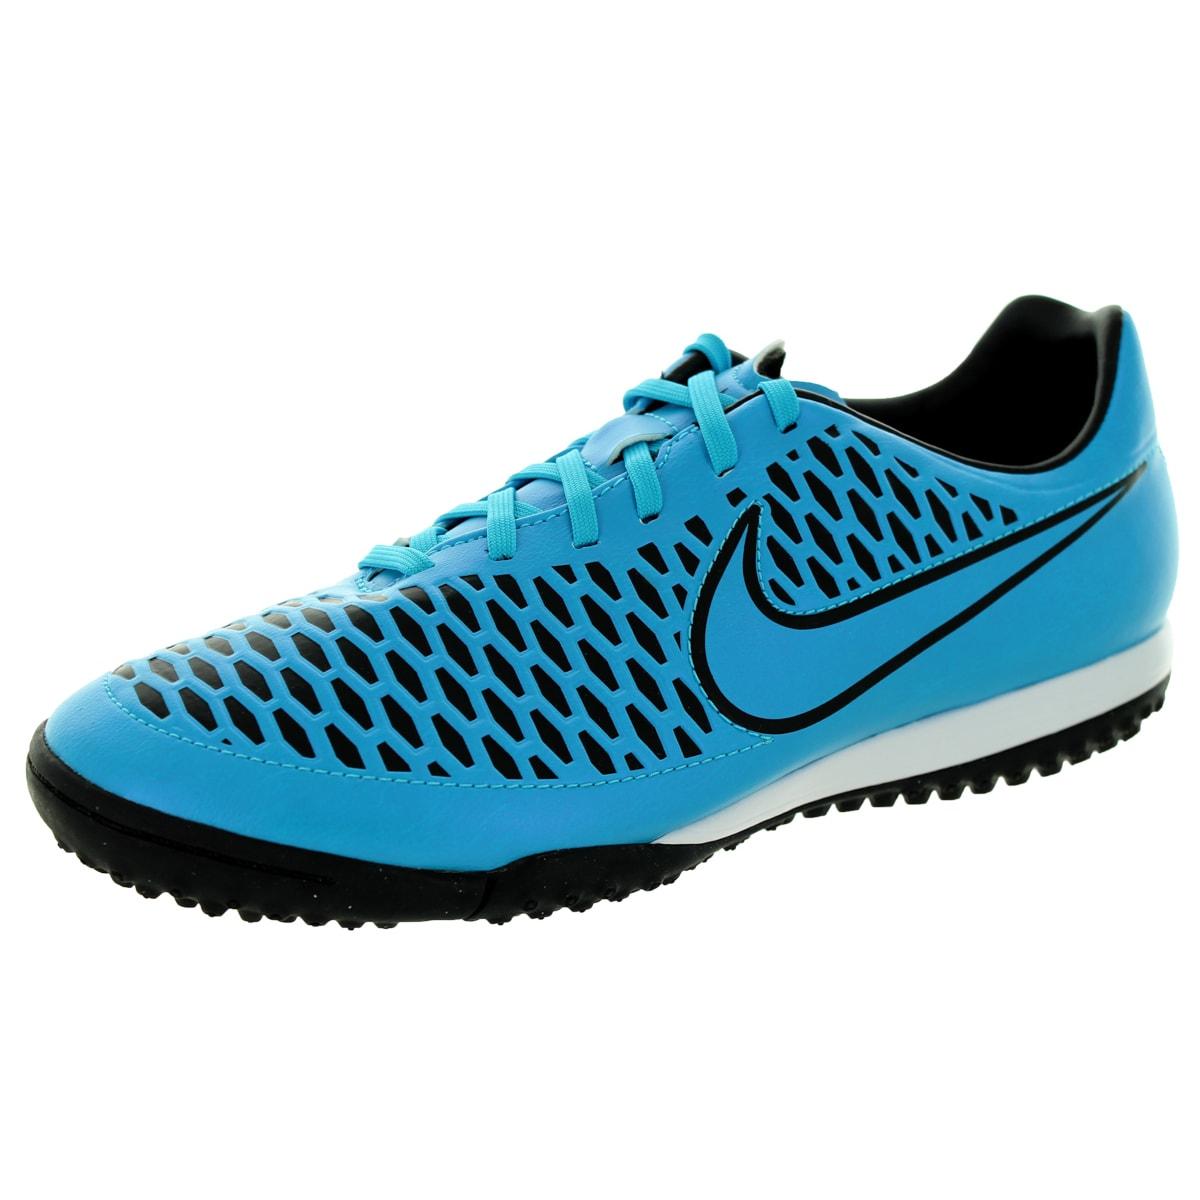 Nike Men's Magista Onda Tf Turquoise Blue/Black/Black Tur...